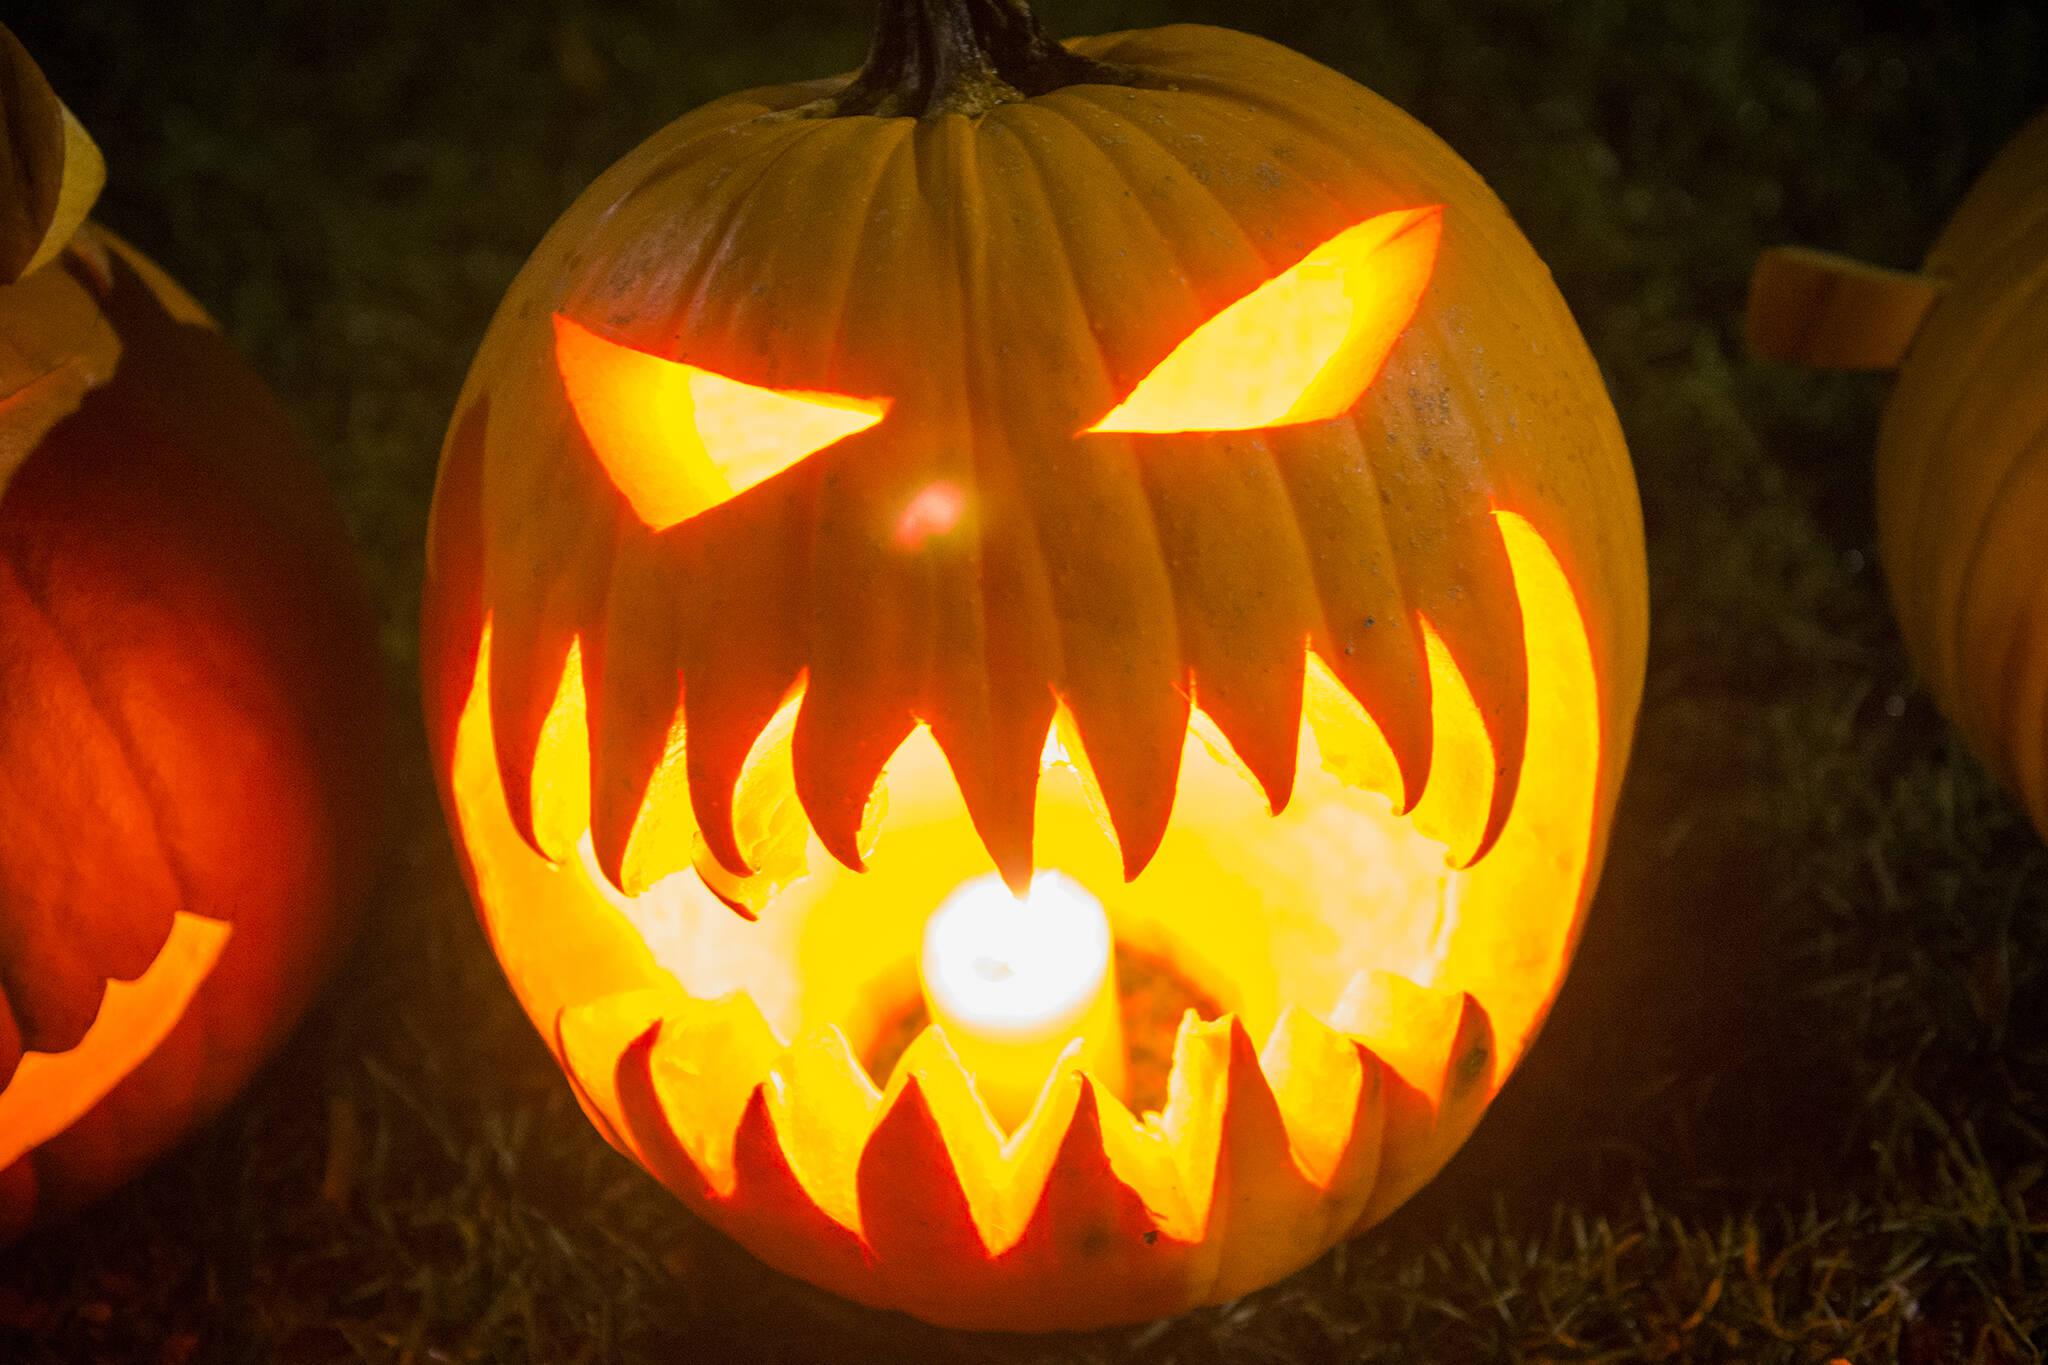 ottawa delay halloween